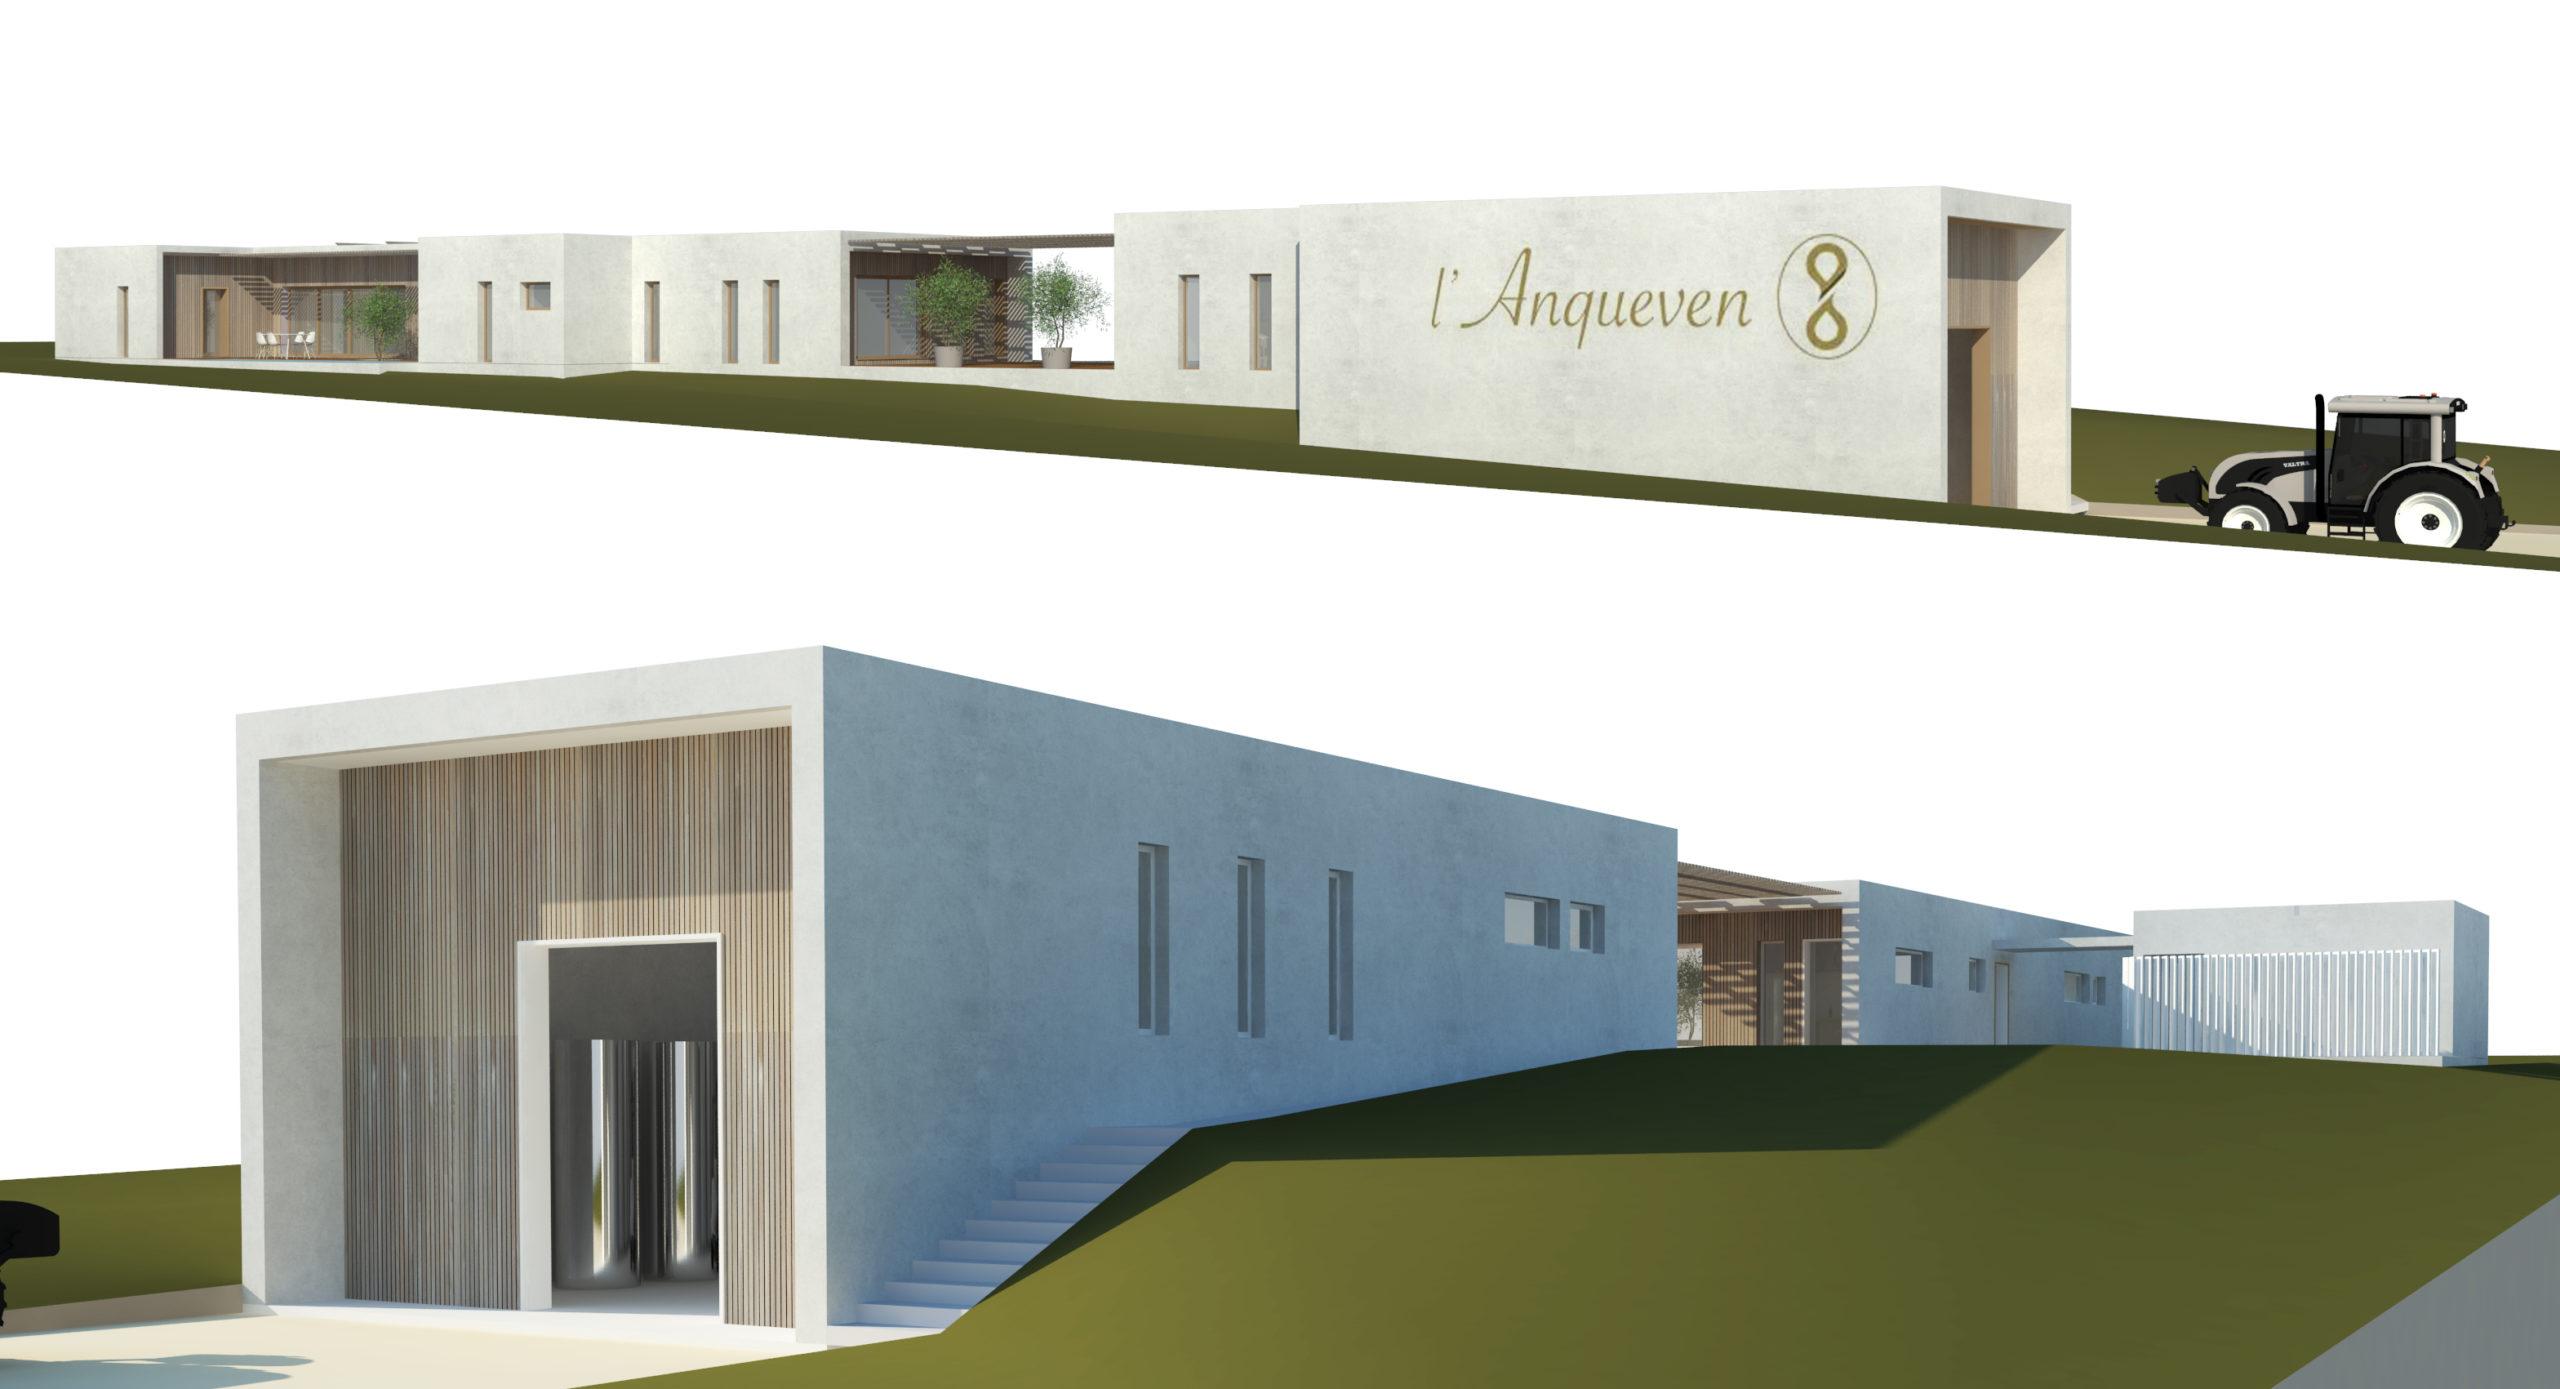 chai viticole lanqueven architecture mca